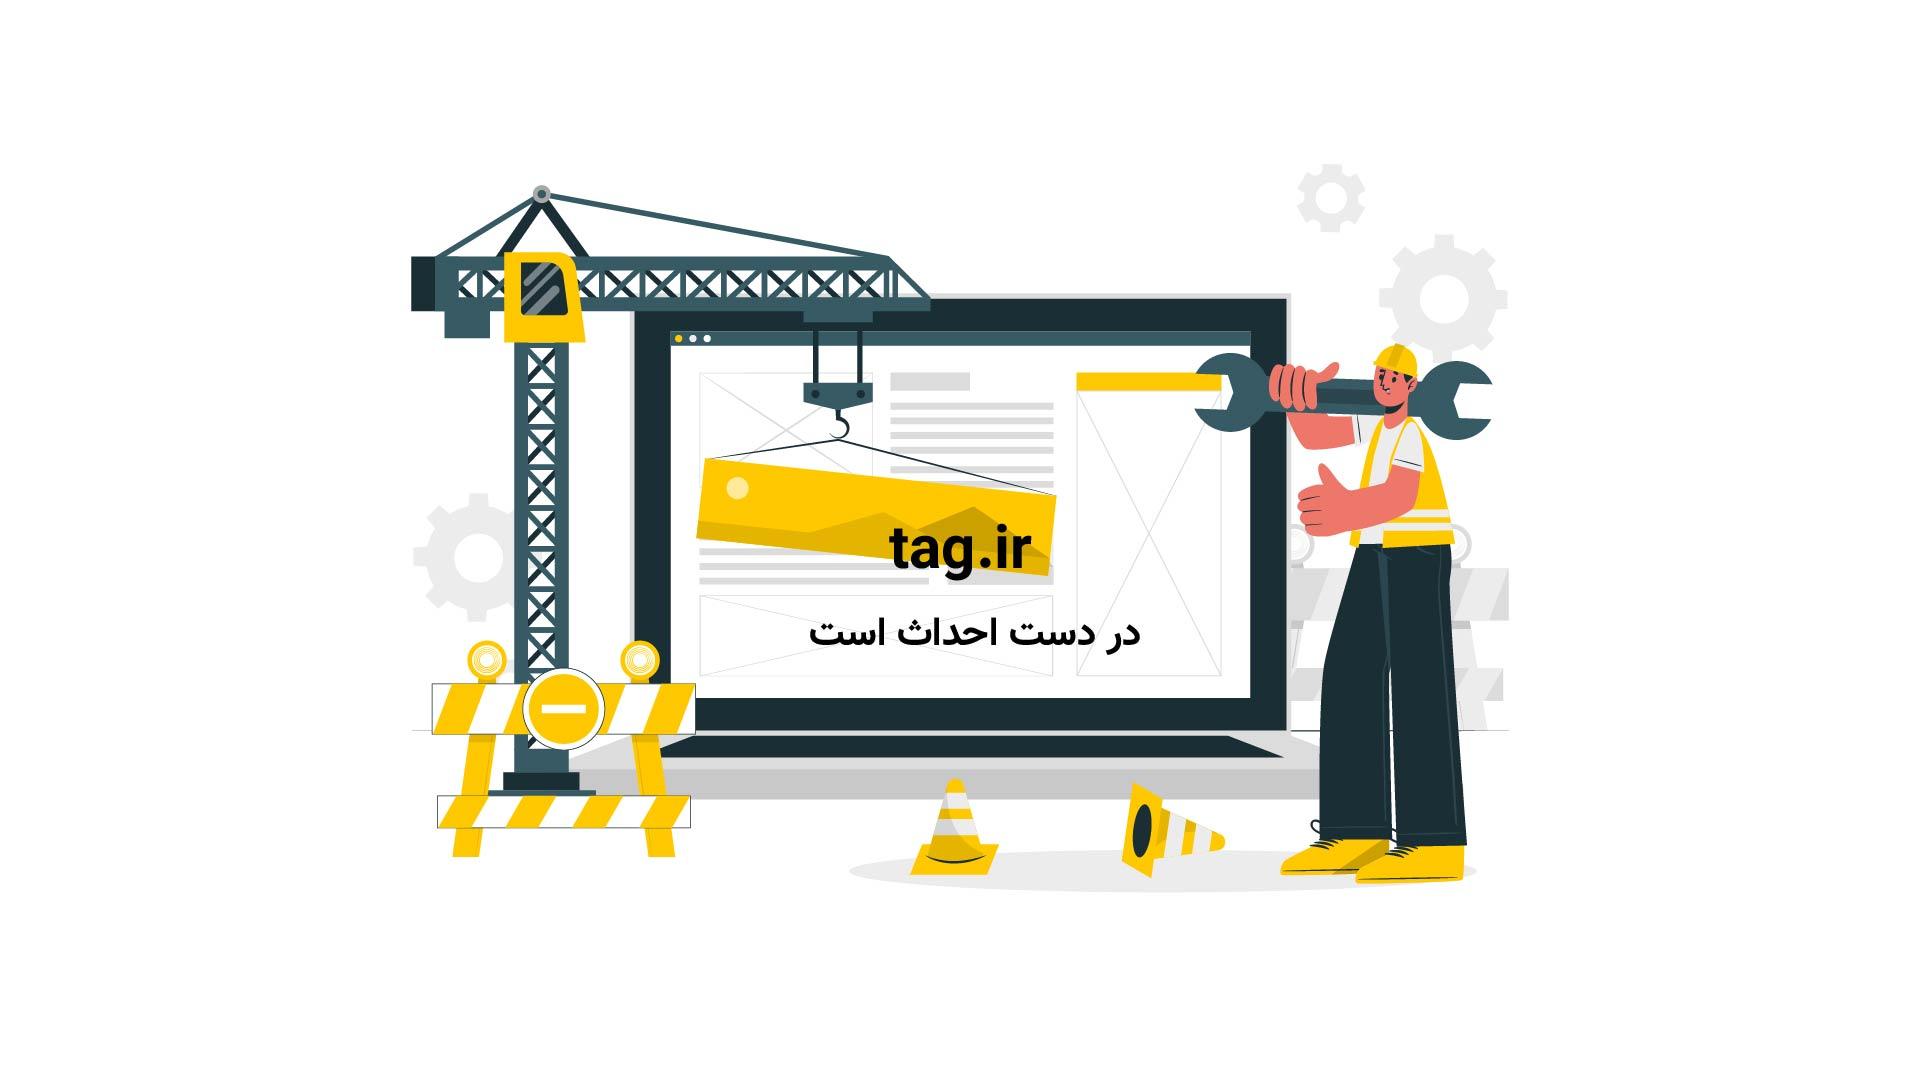 شیوه برداشت عسل جنگلی در کامبوج|تگ